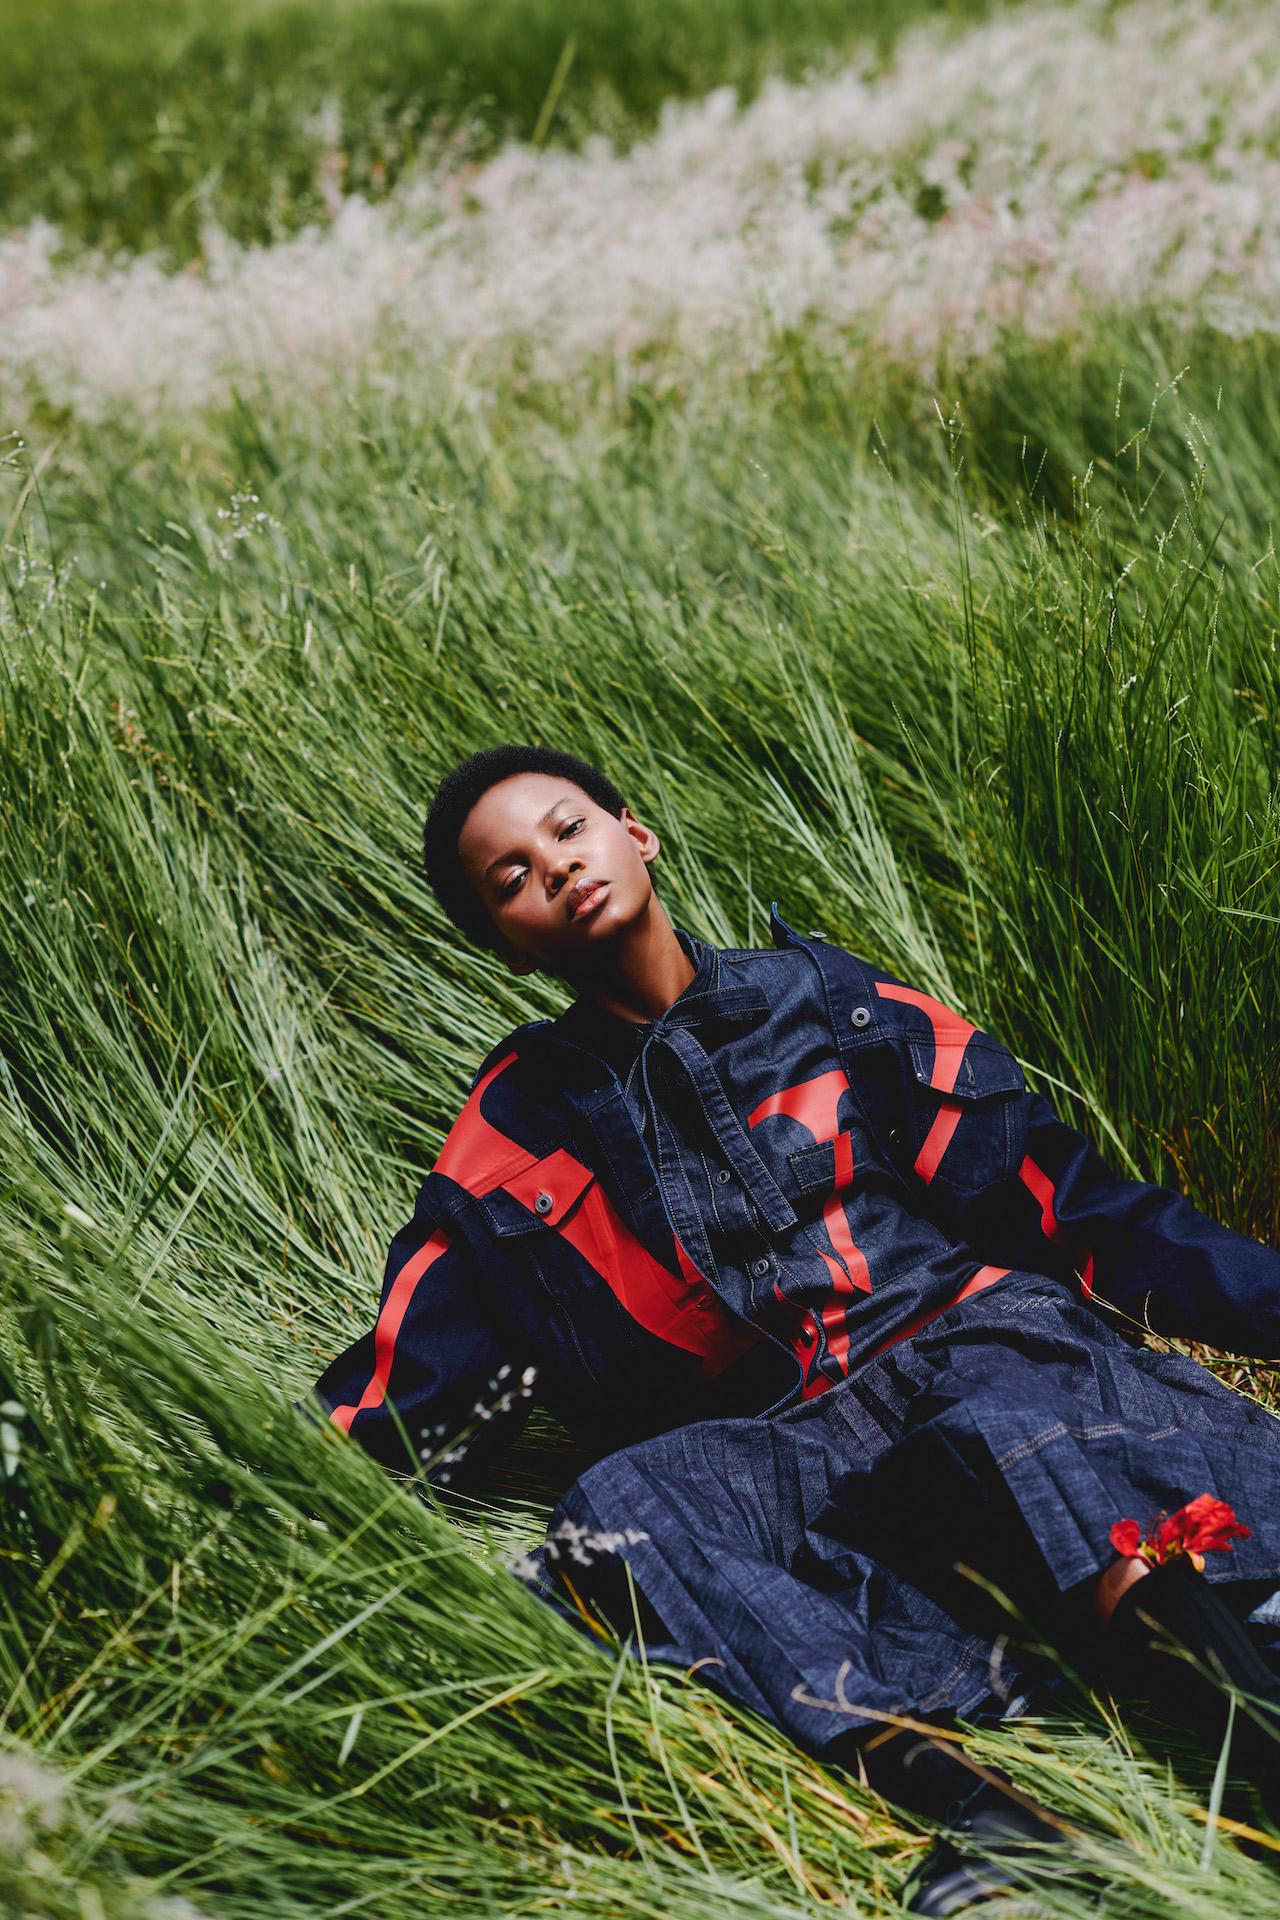 Vogue_Valentino15851.jpg